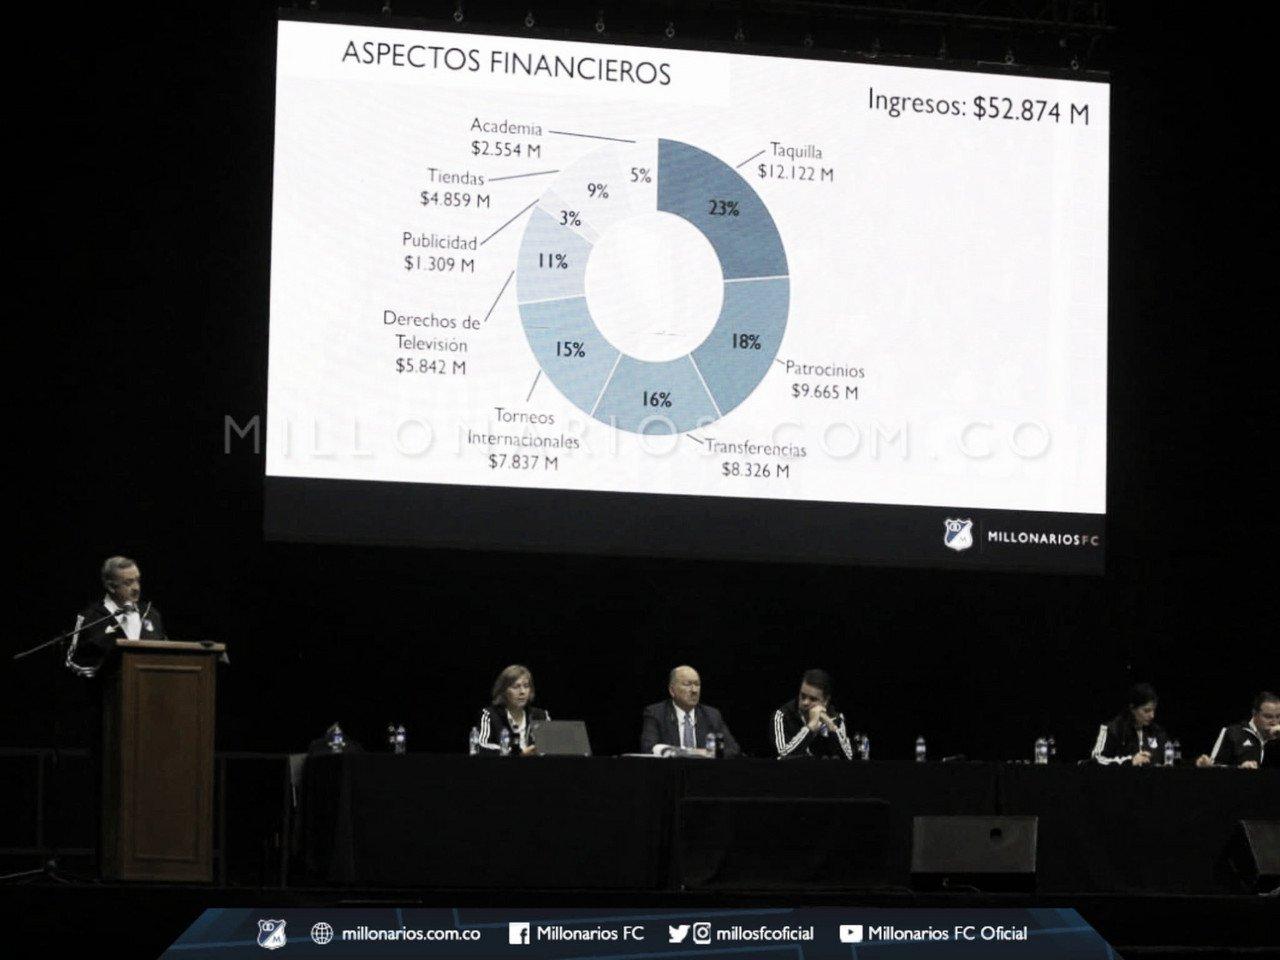 Asamblea Millonarios: Finanzas, Acciones y jugadores